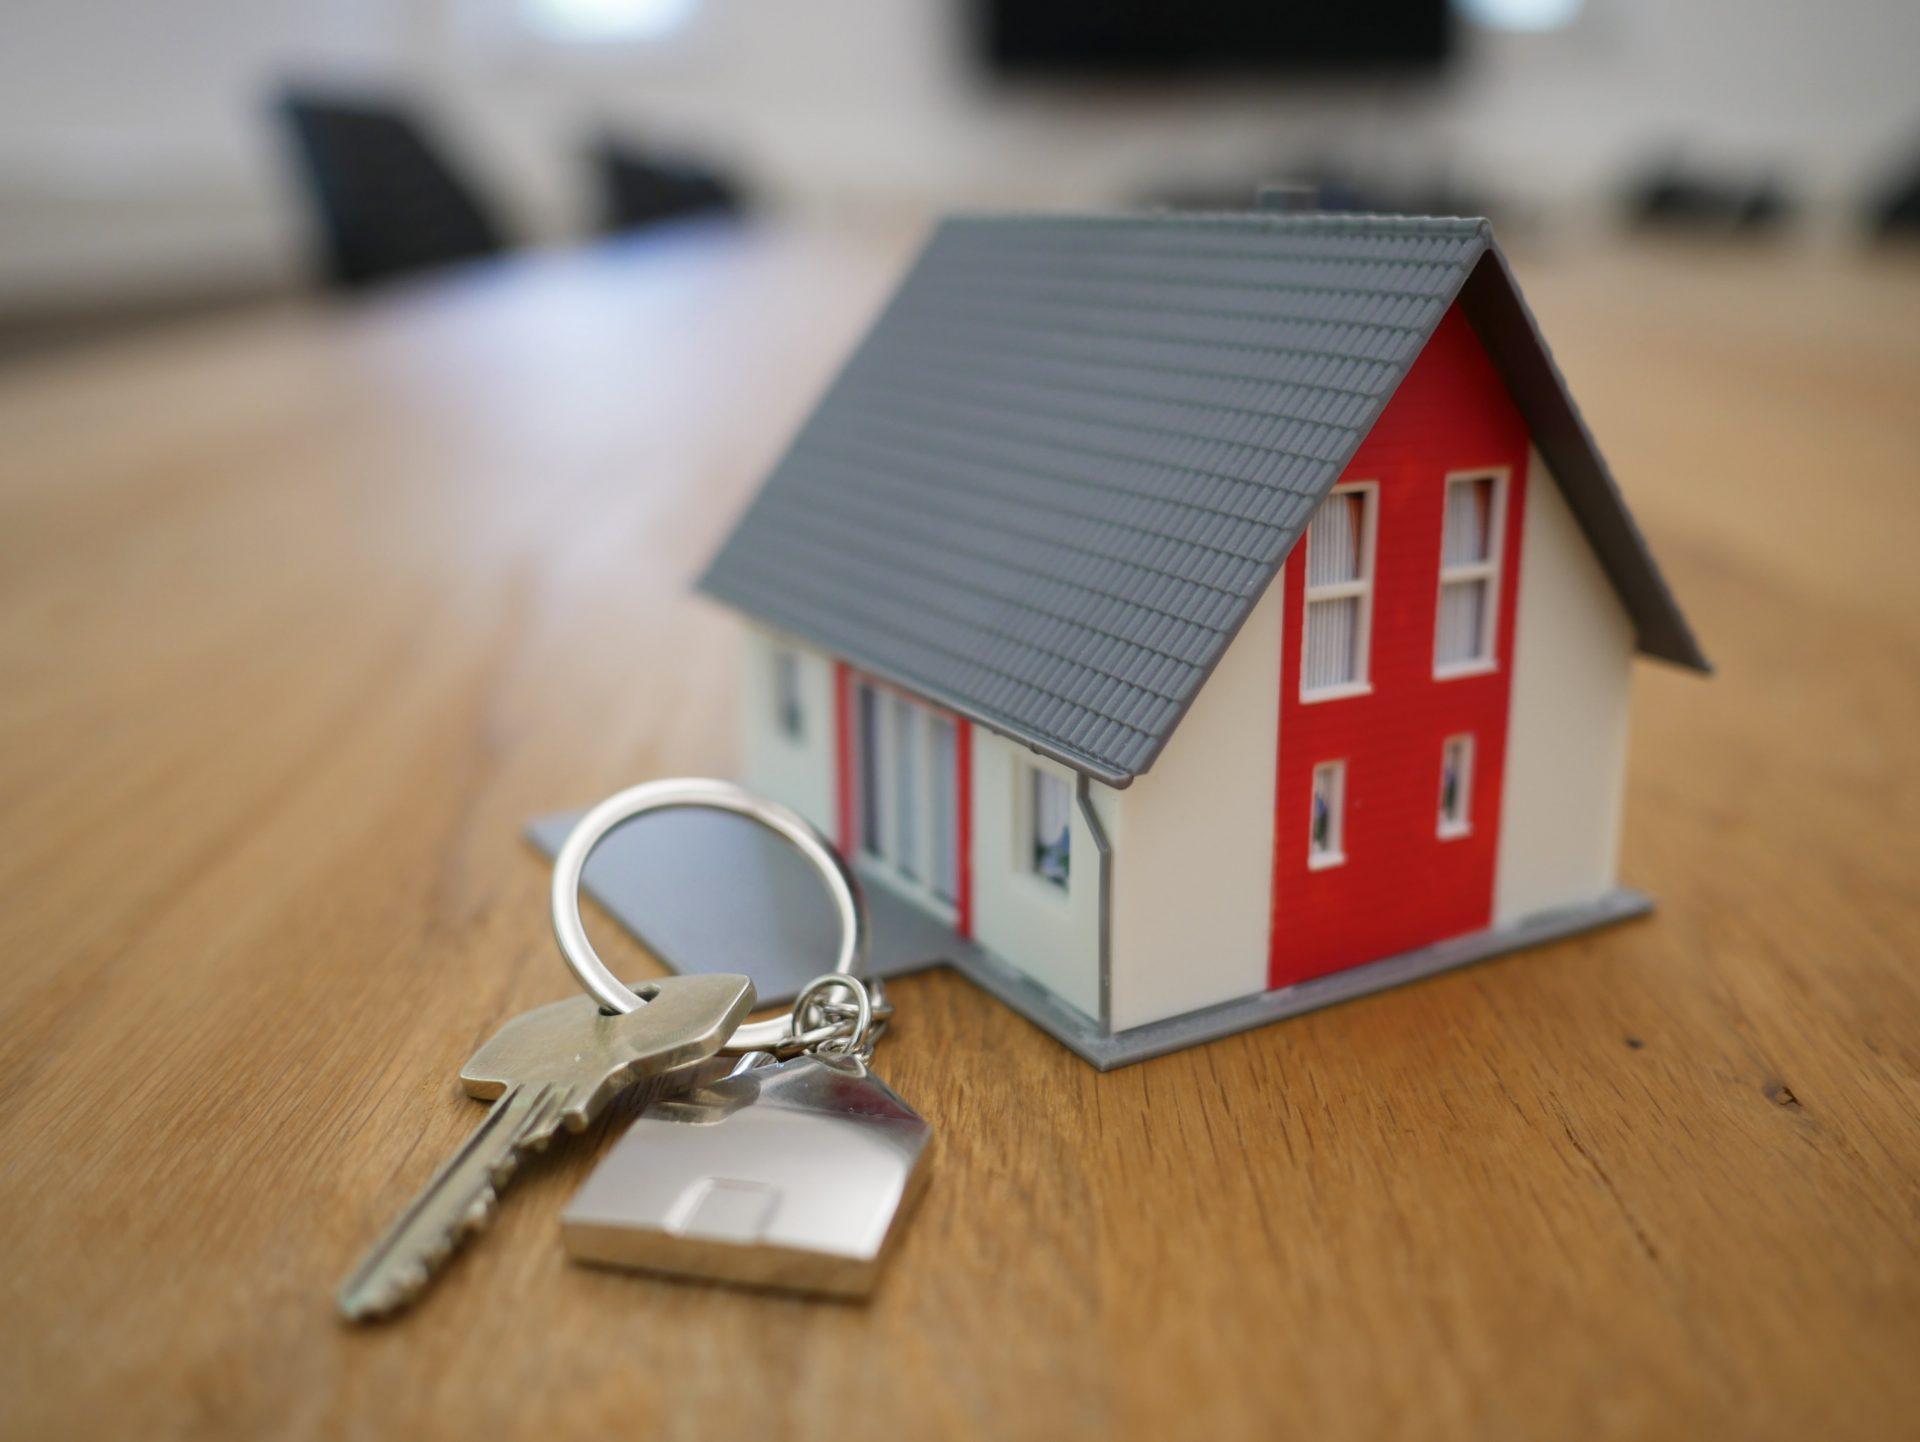 Casa y llaves